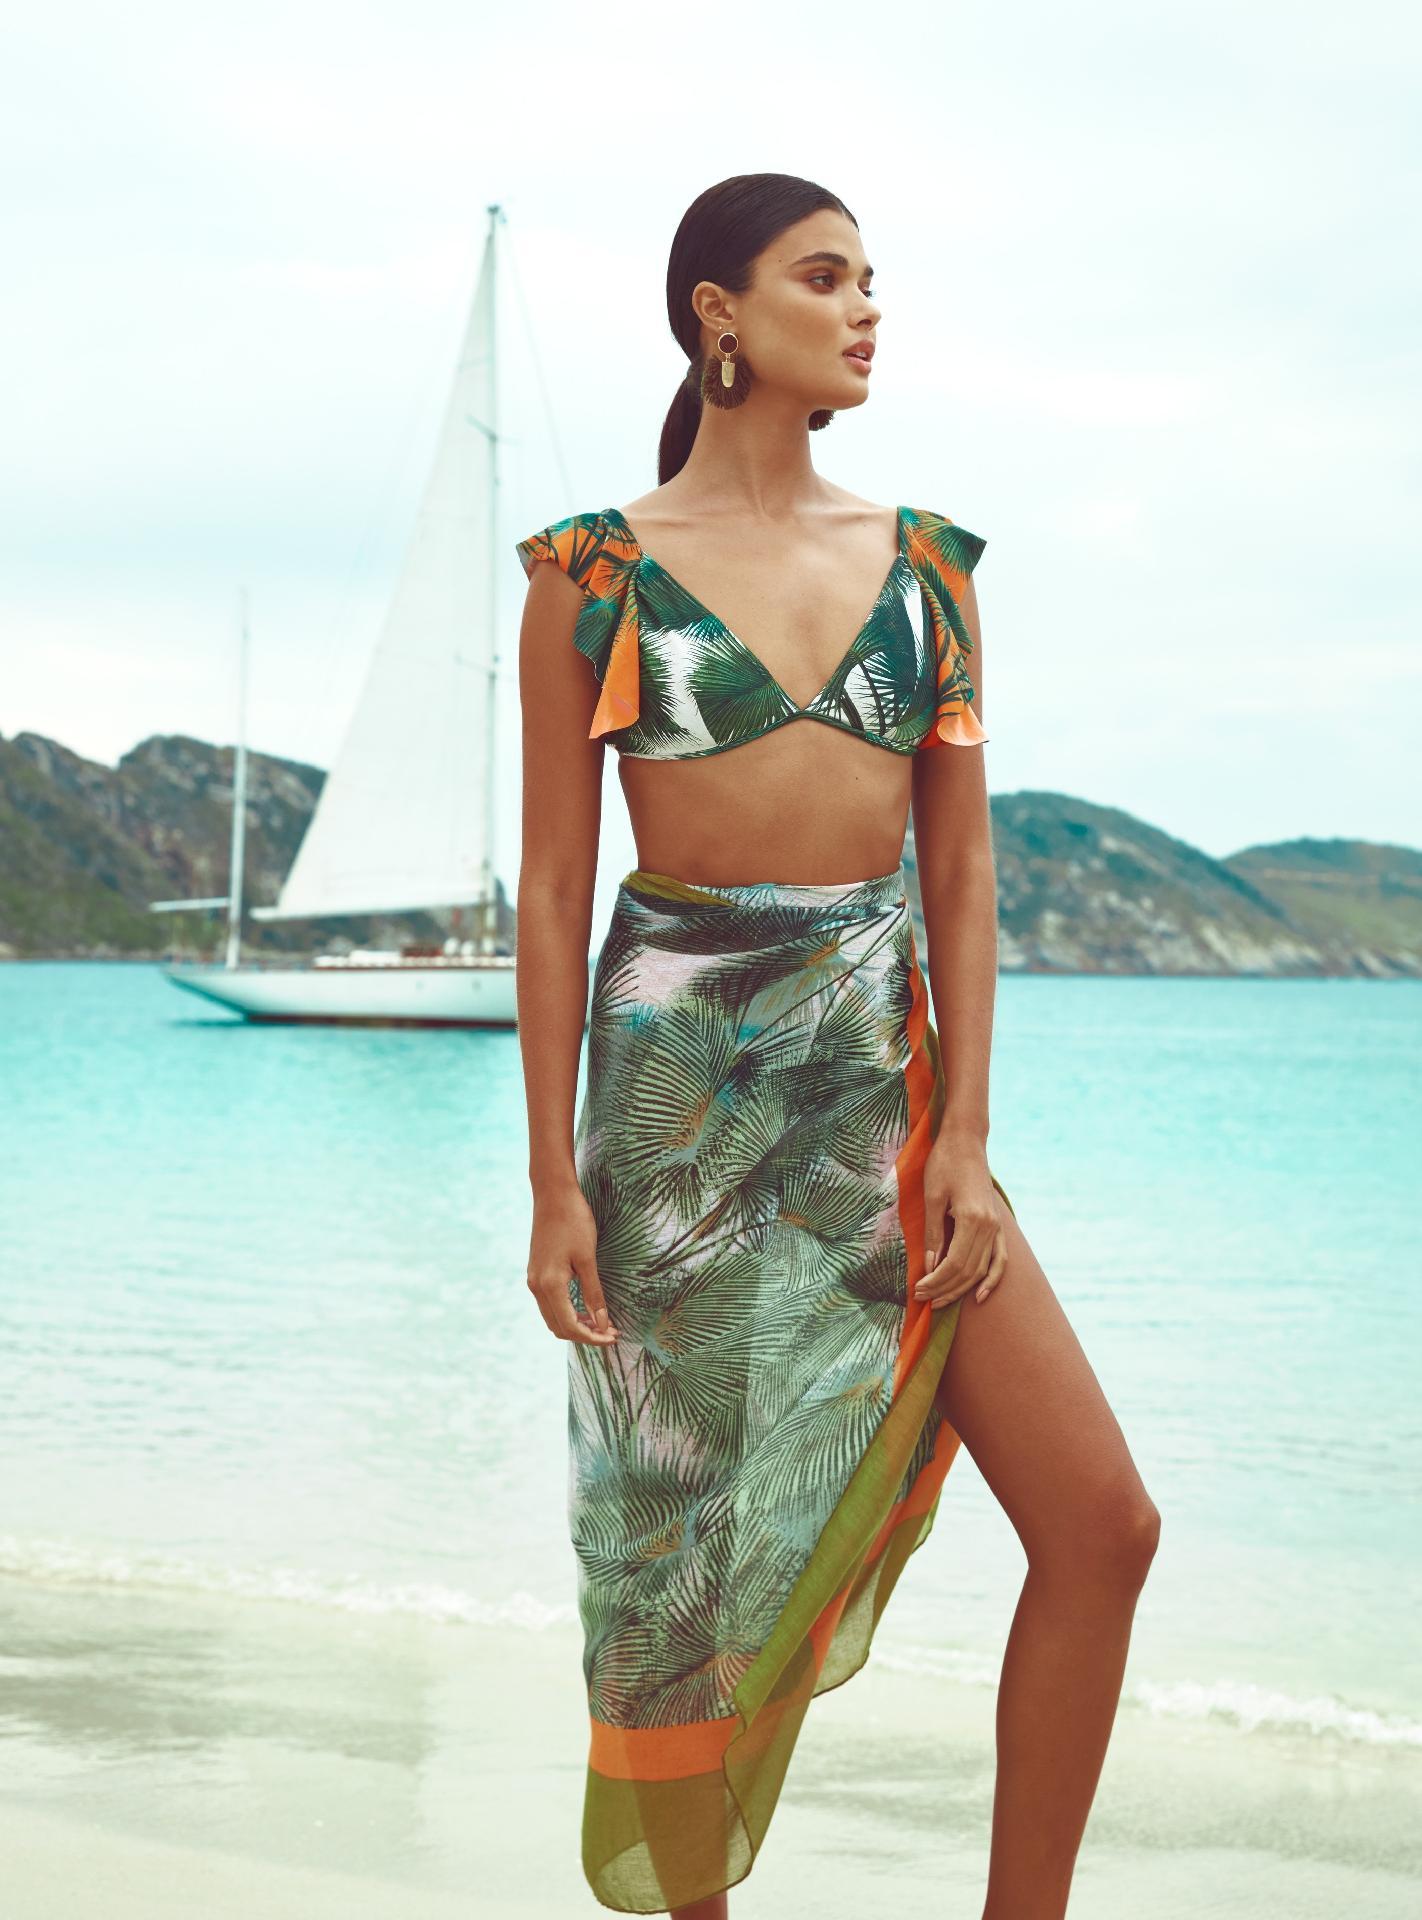 240da87995d6f Moda praia  gigante fashion lança coleção com cinco marcas renomadas -  26 11 2018 - UOL Universa